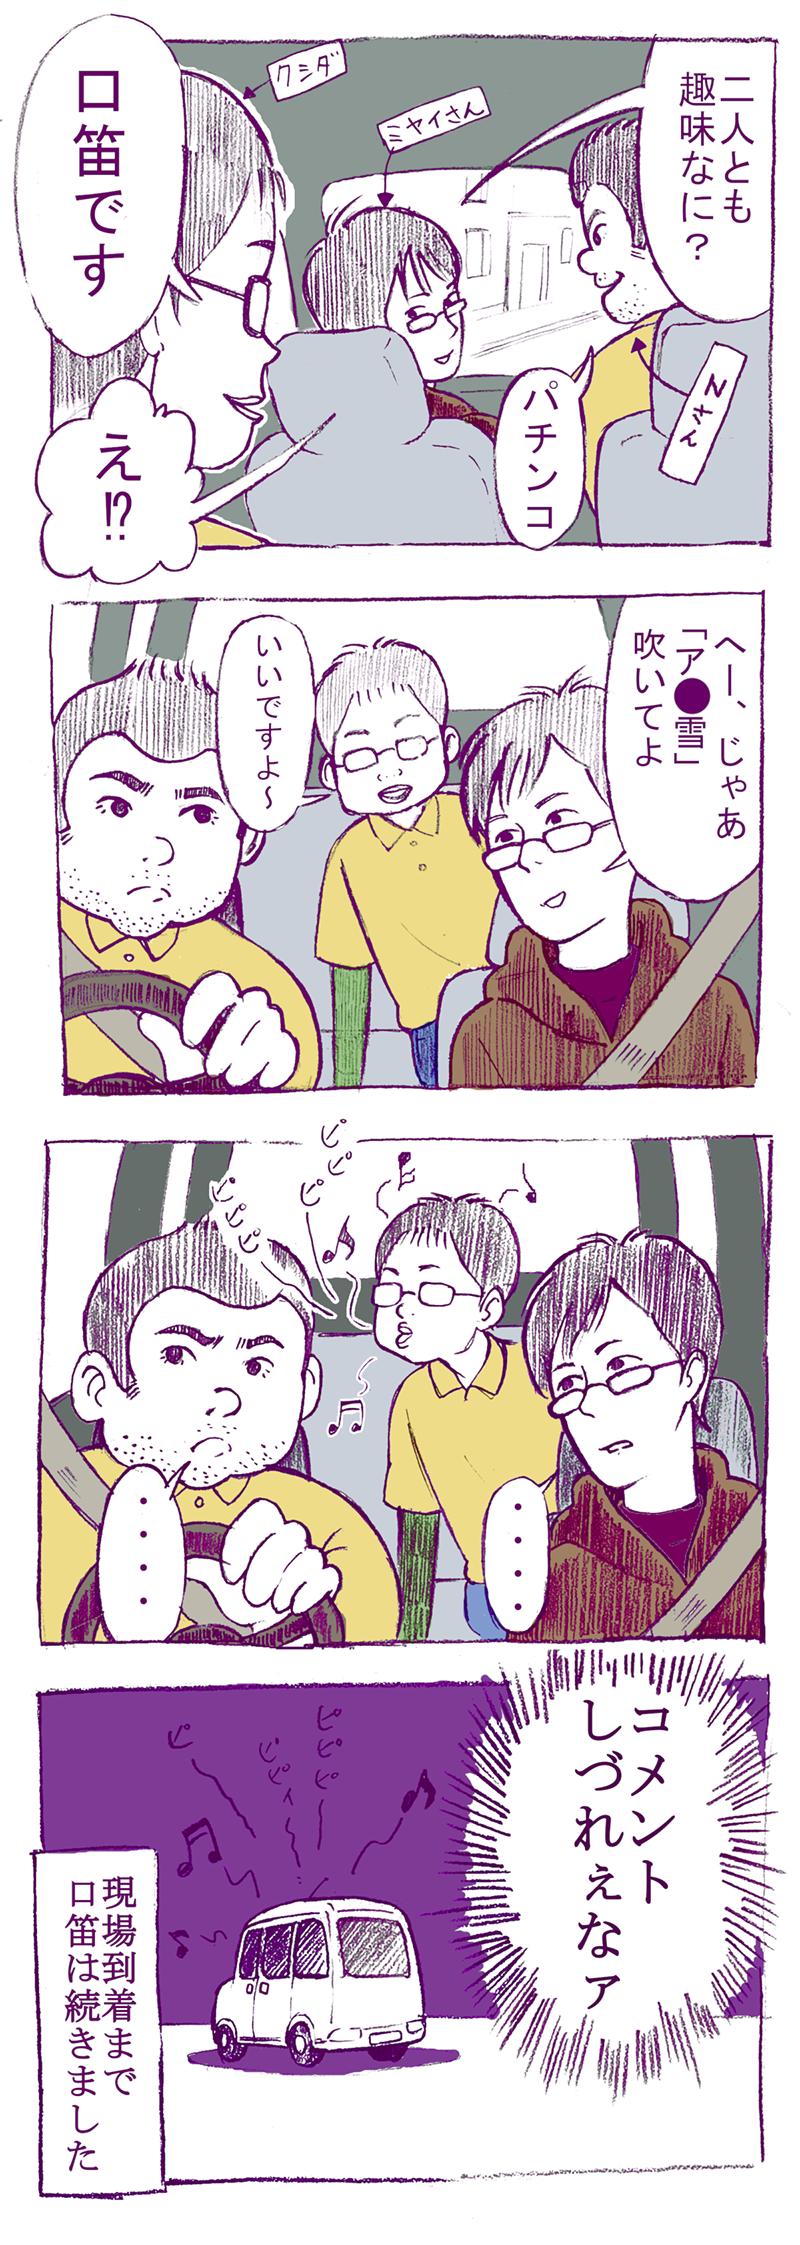 宮井君に趣味を聞かれたクシダ君が、口笛を吹いているマンガ